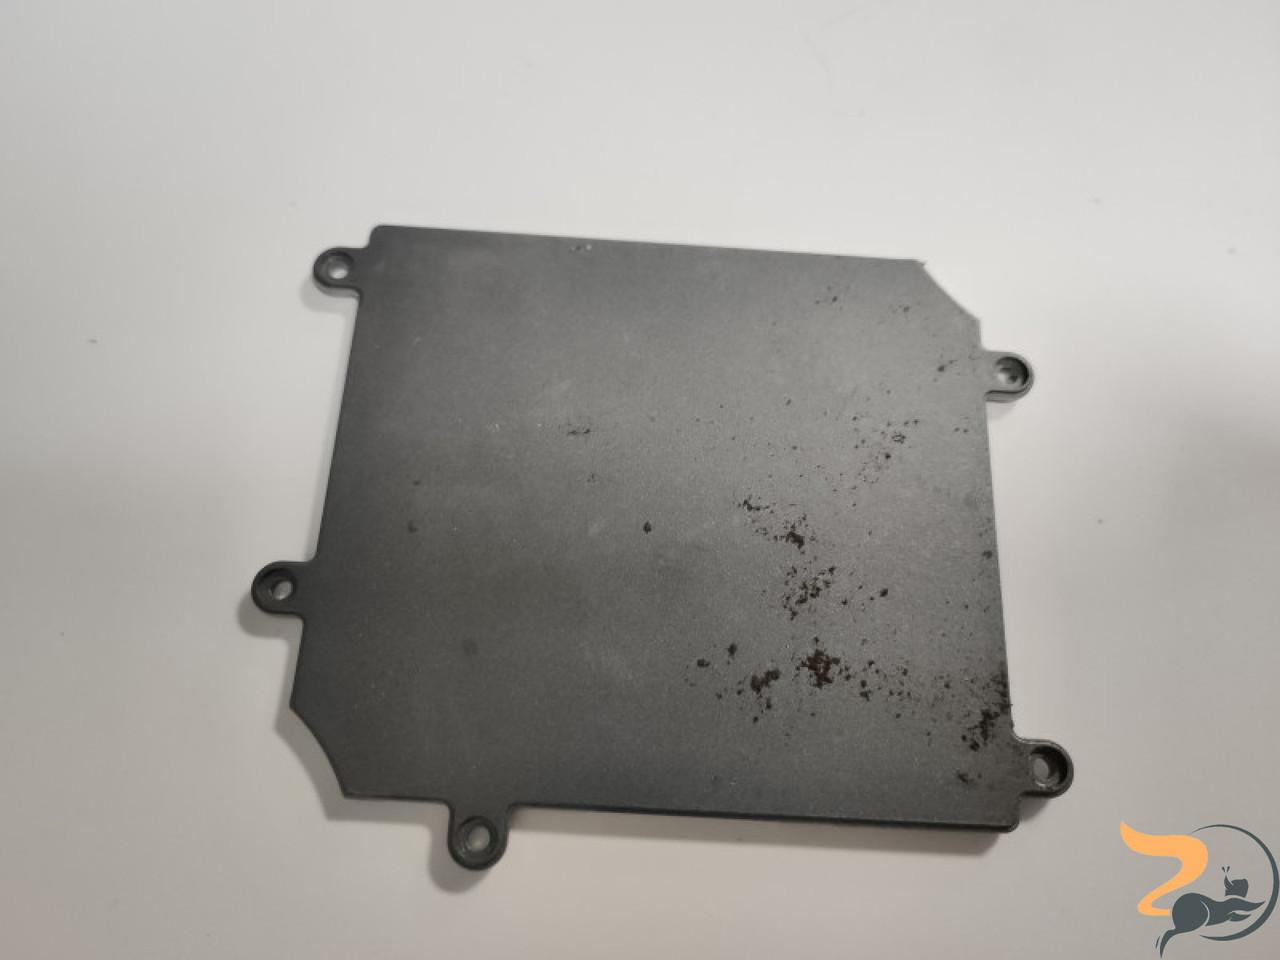 Сервісна кришка для ноутбука Clevo M37EW, M3EW, Б/У, В хорошому стані без пошкоджень.